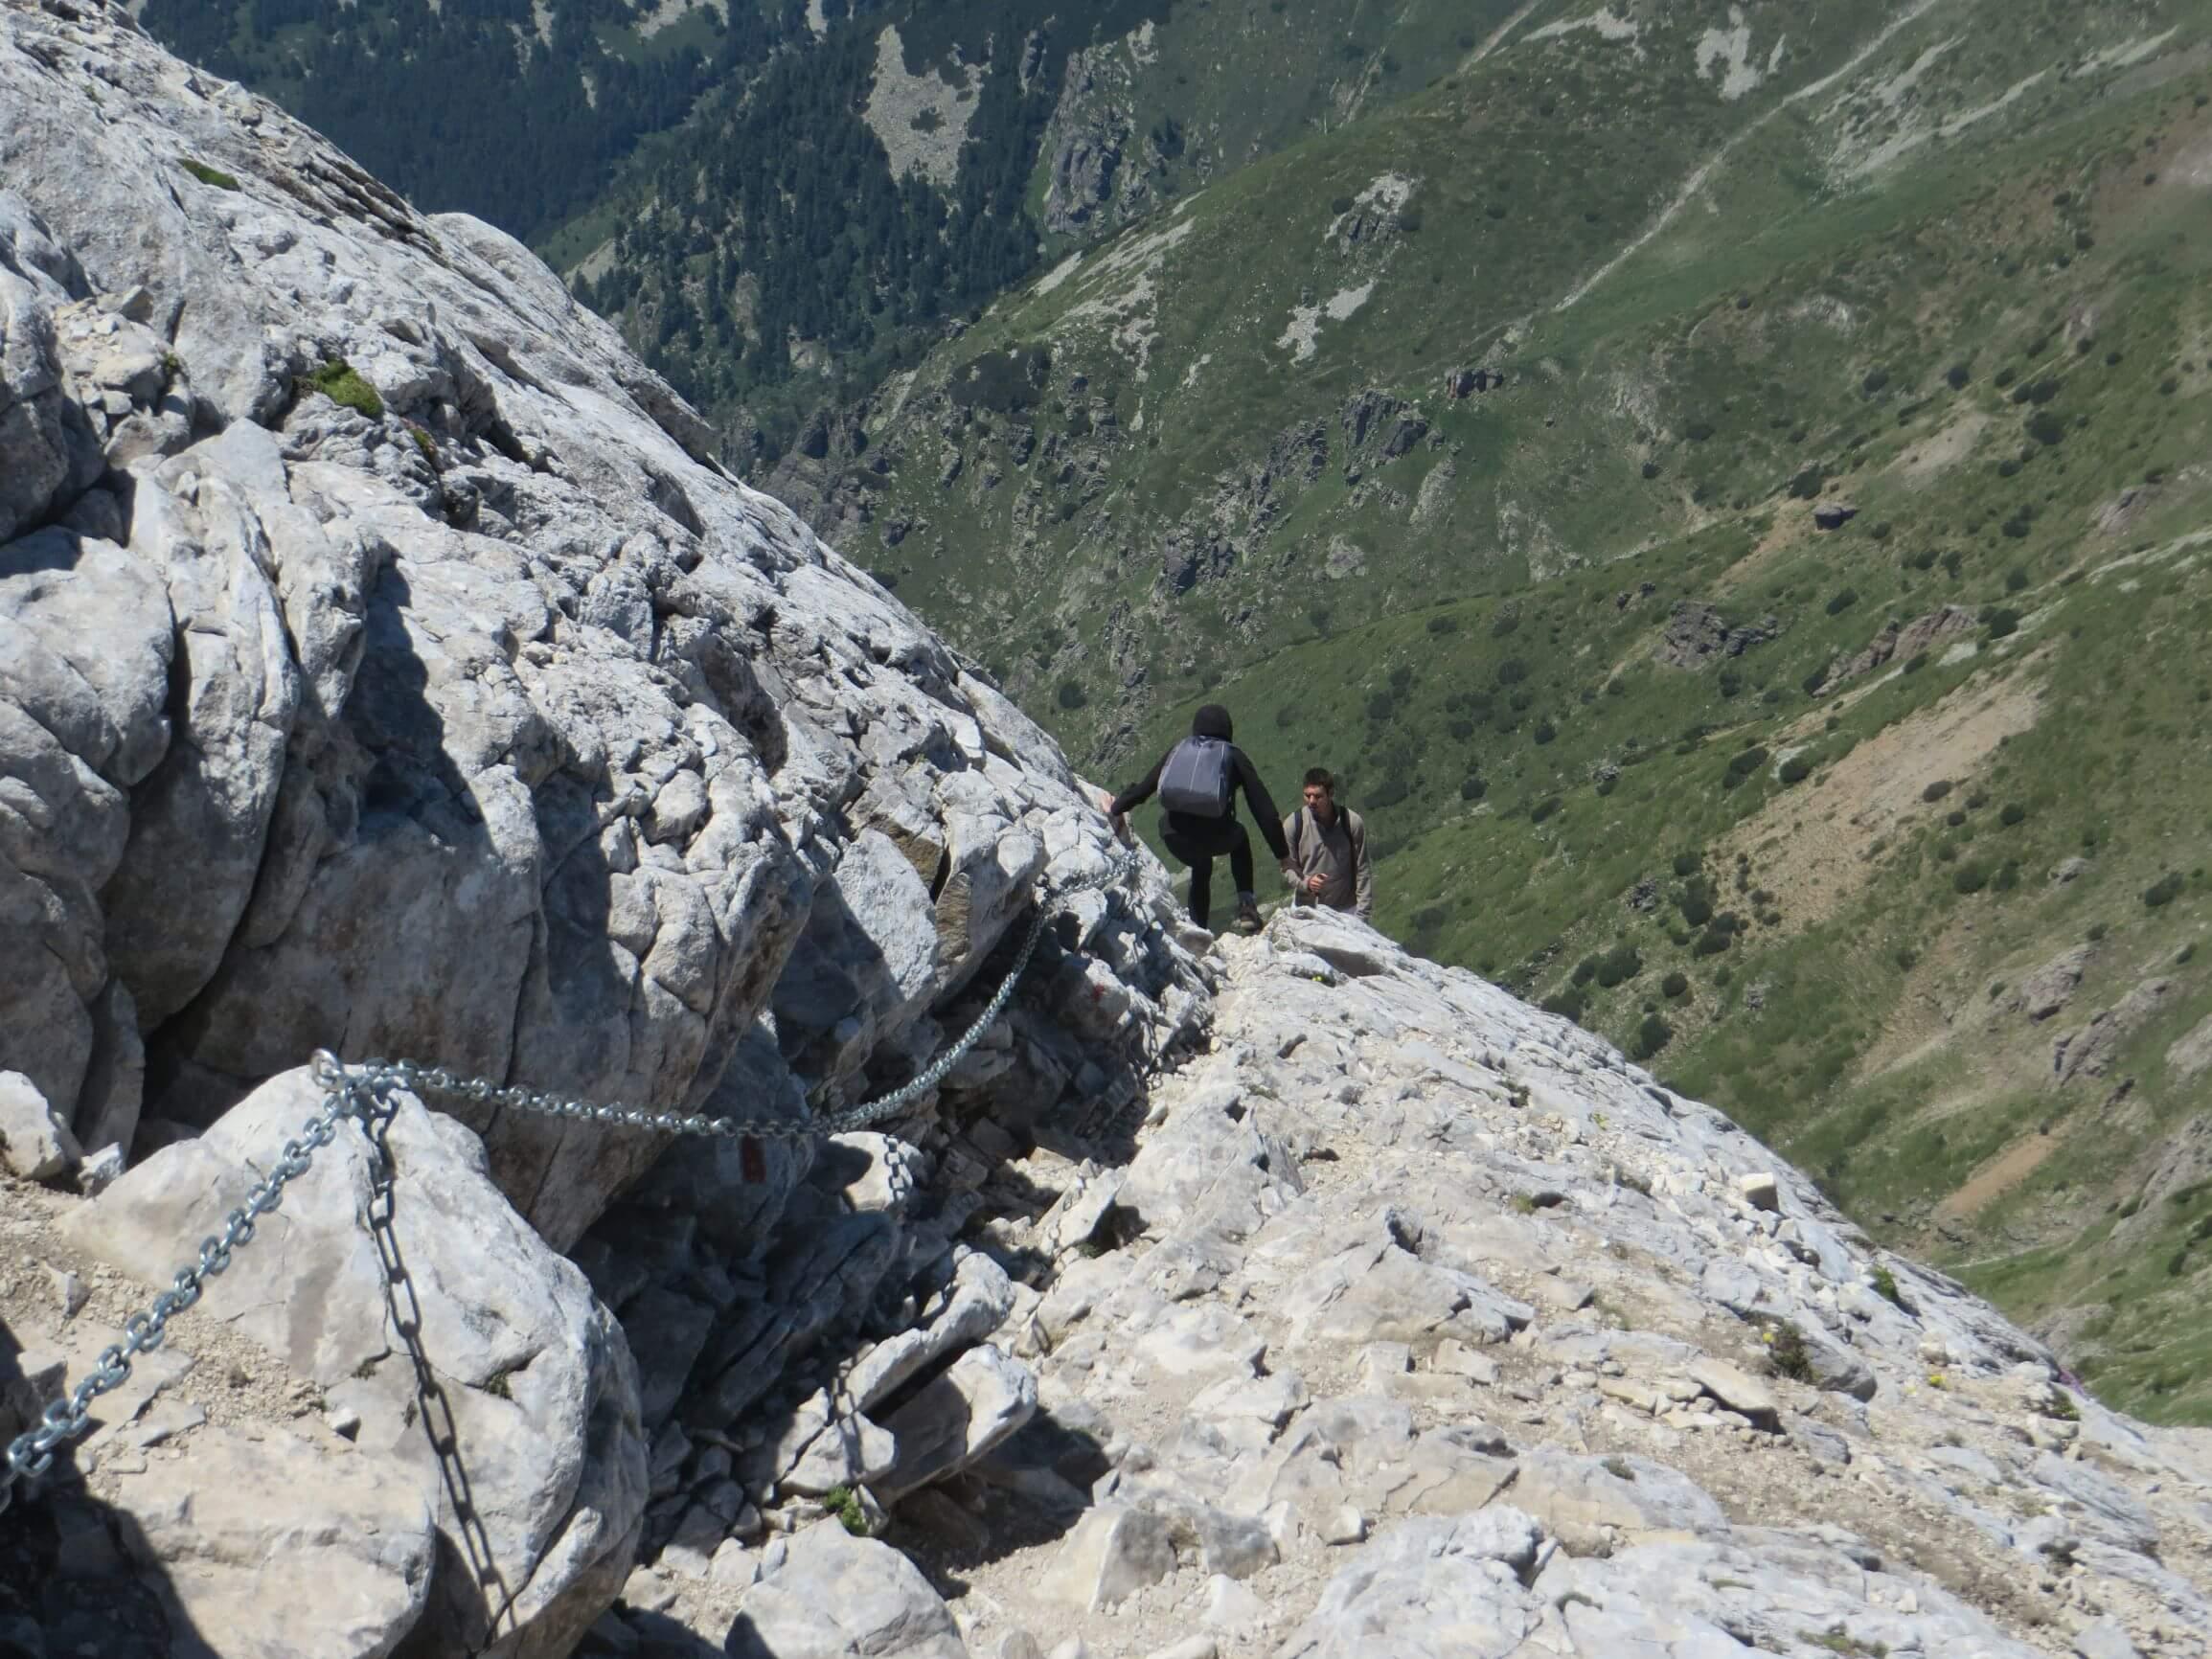 Descending Vihren from the north-west